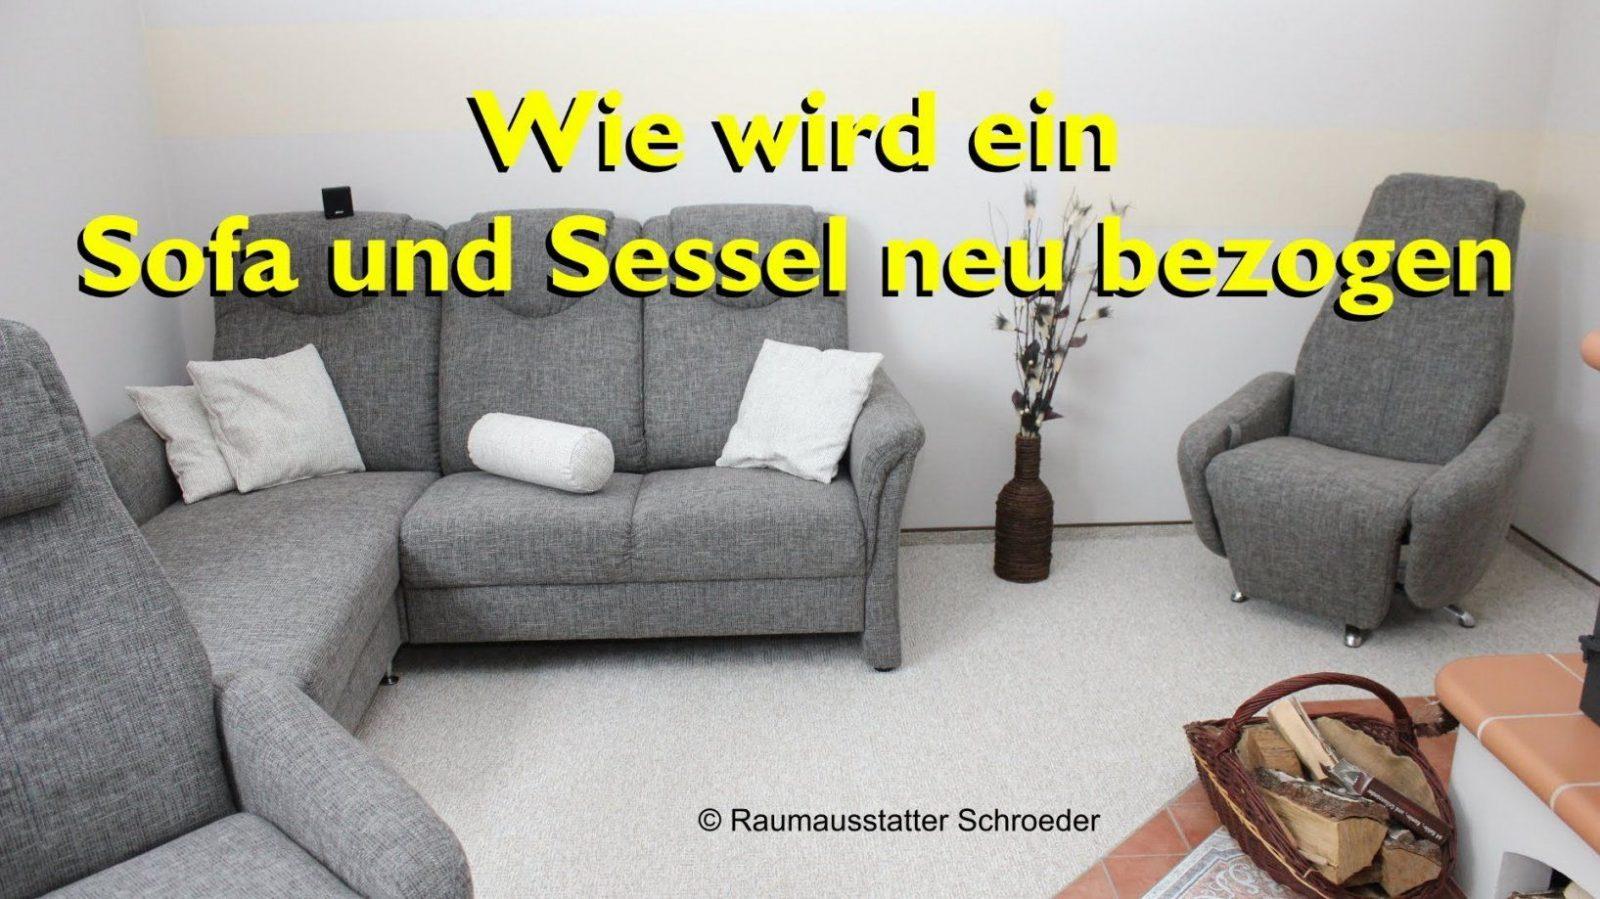 Sofa Und Sessel Neu Beziehen  Polstern  Couch Reupholstery Time von Sessel Neu Beziehen Lassen Kosten Photo